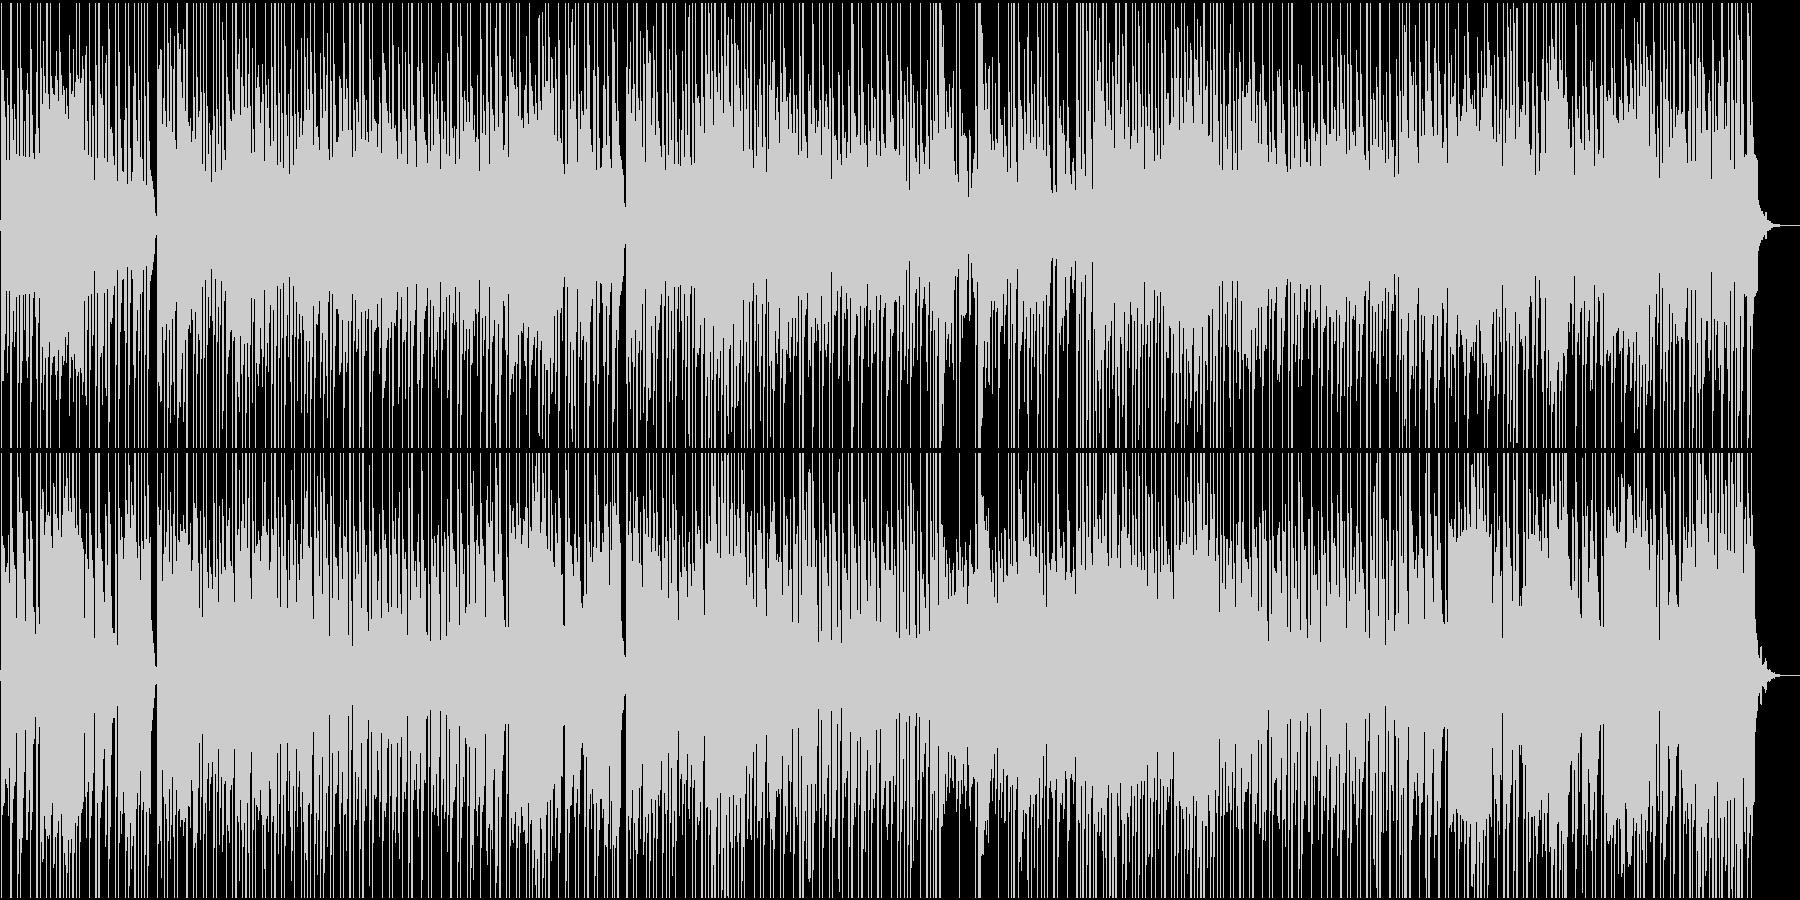 サーカス風、悲しみのワルツBGMの未再生の波形